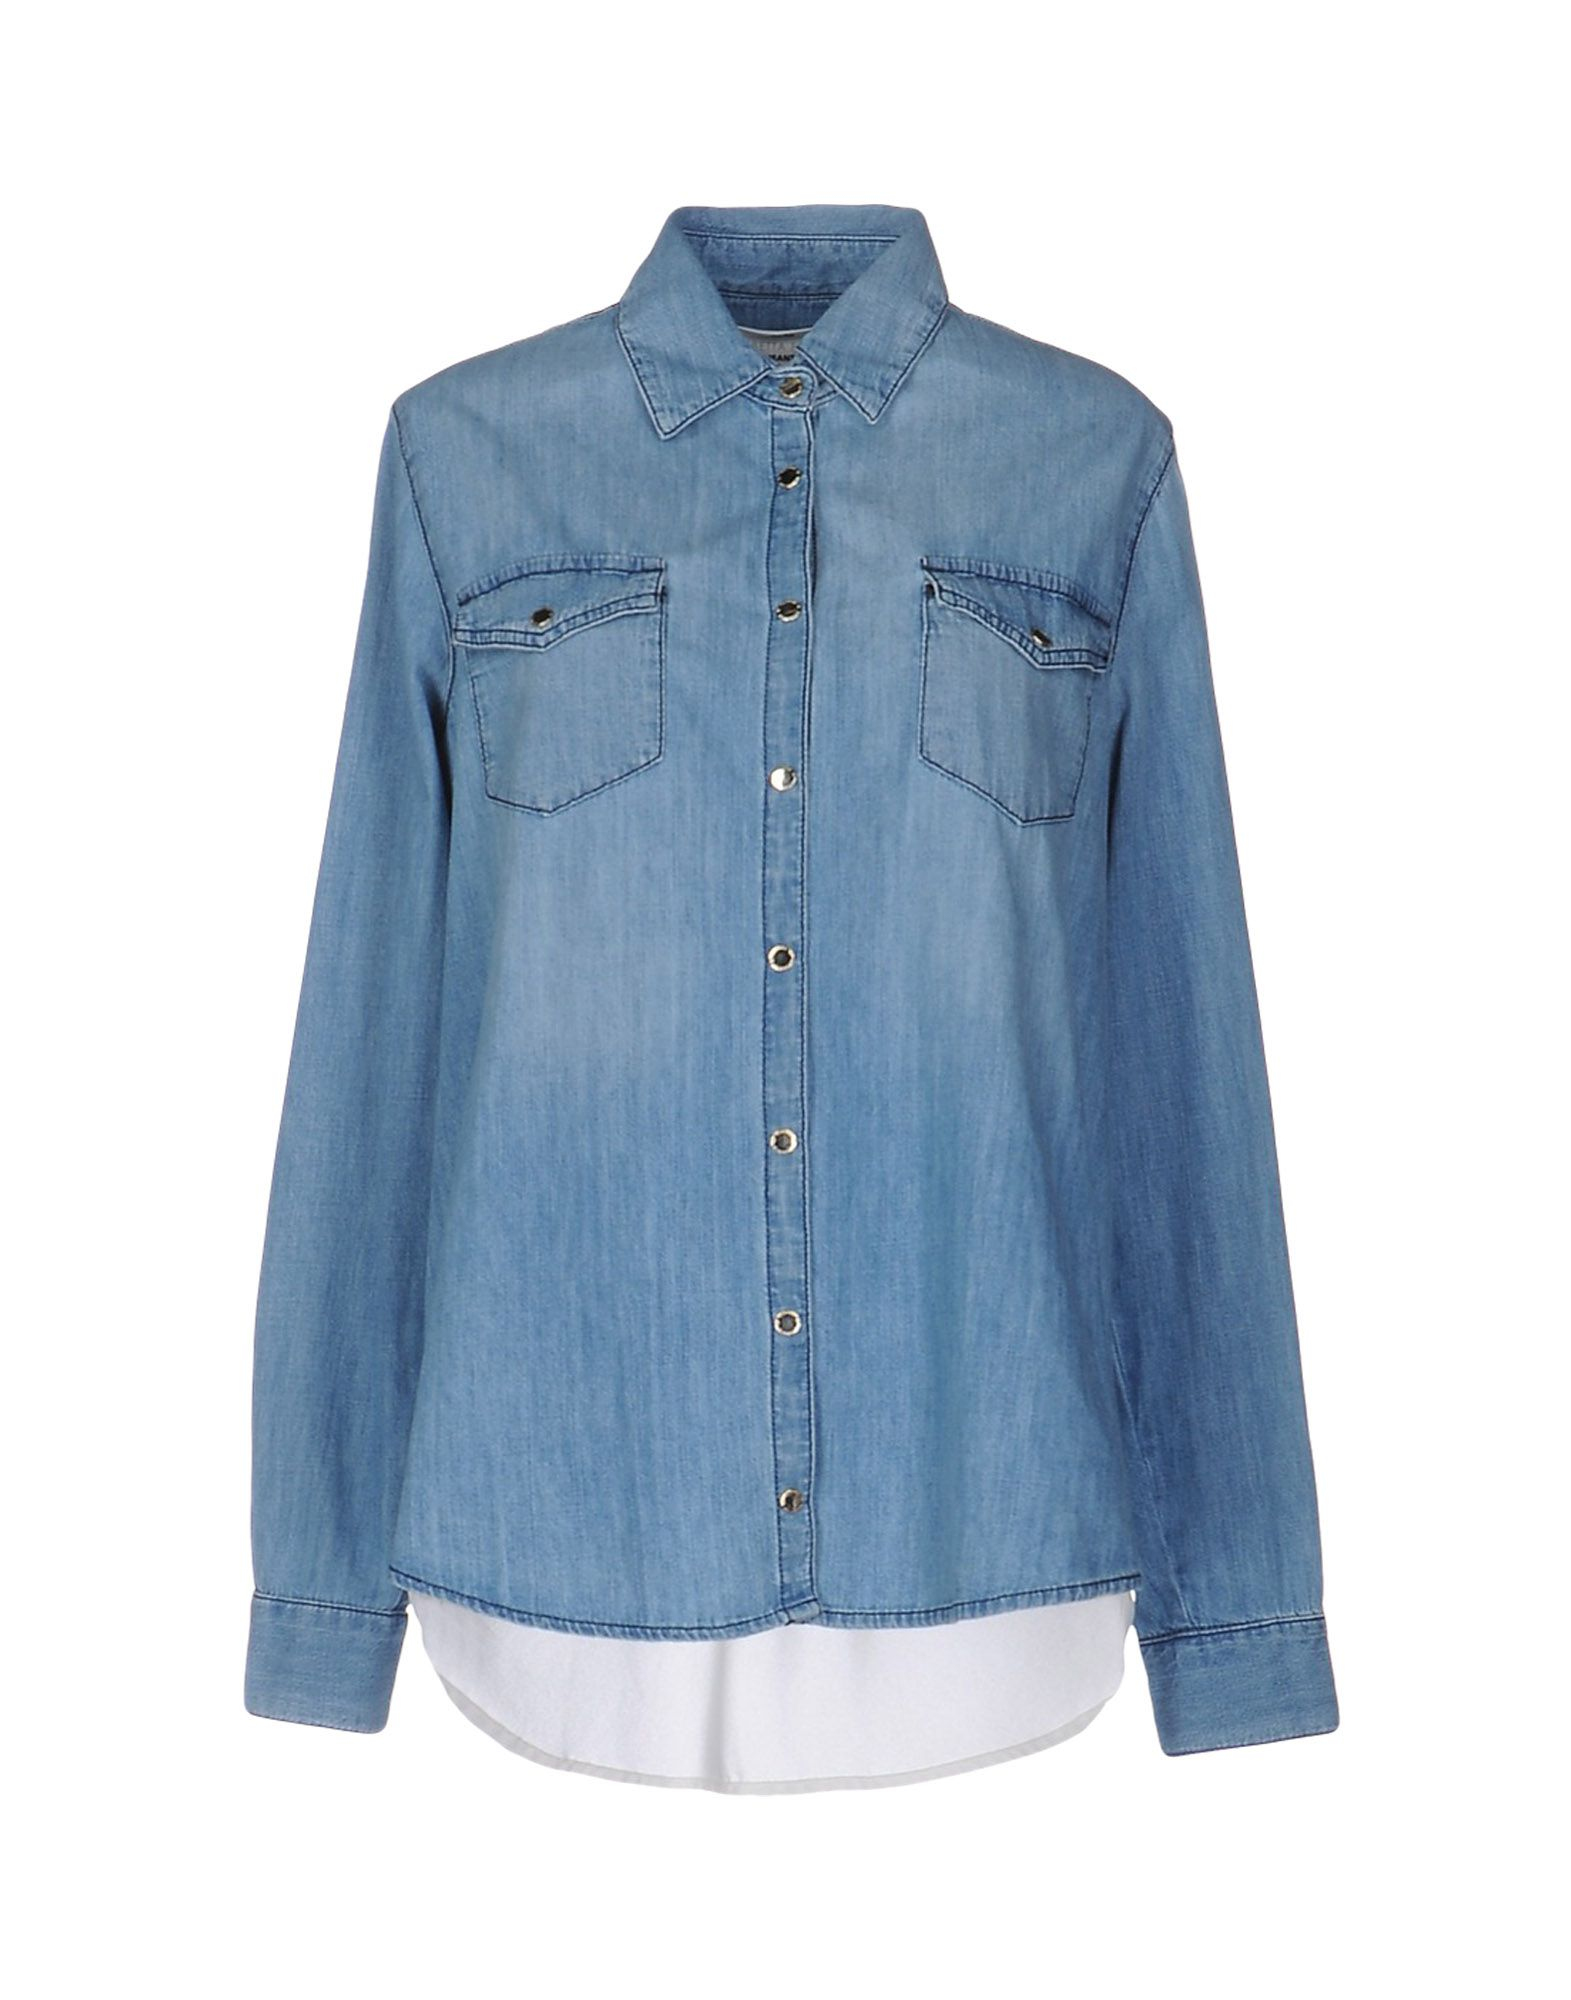 b16dc1d79aa00 Camisas Vaqueras Elisabetta Franchi Jeans para Mujer para Colección  Primavera-Verano y Otoño-Invierno